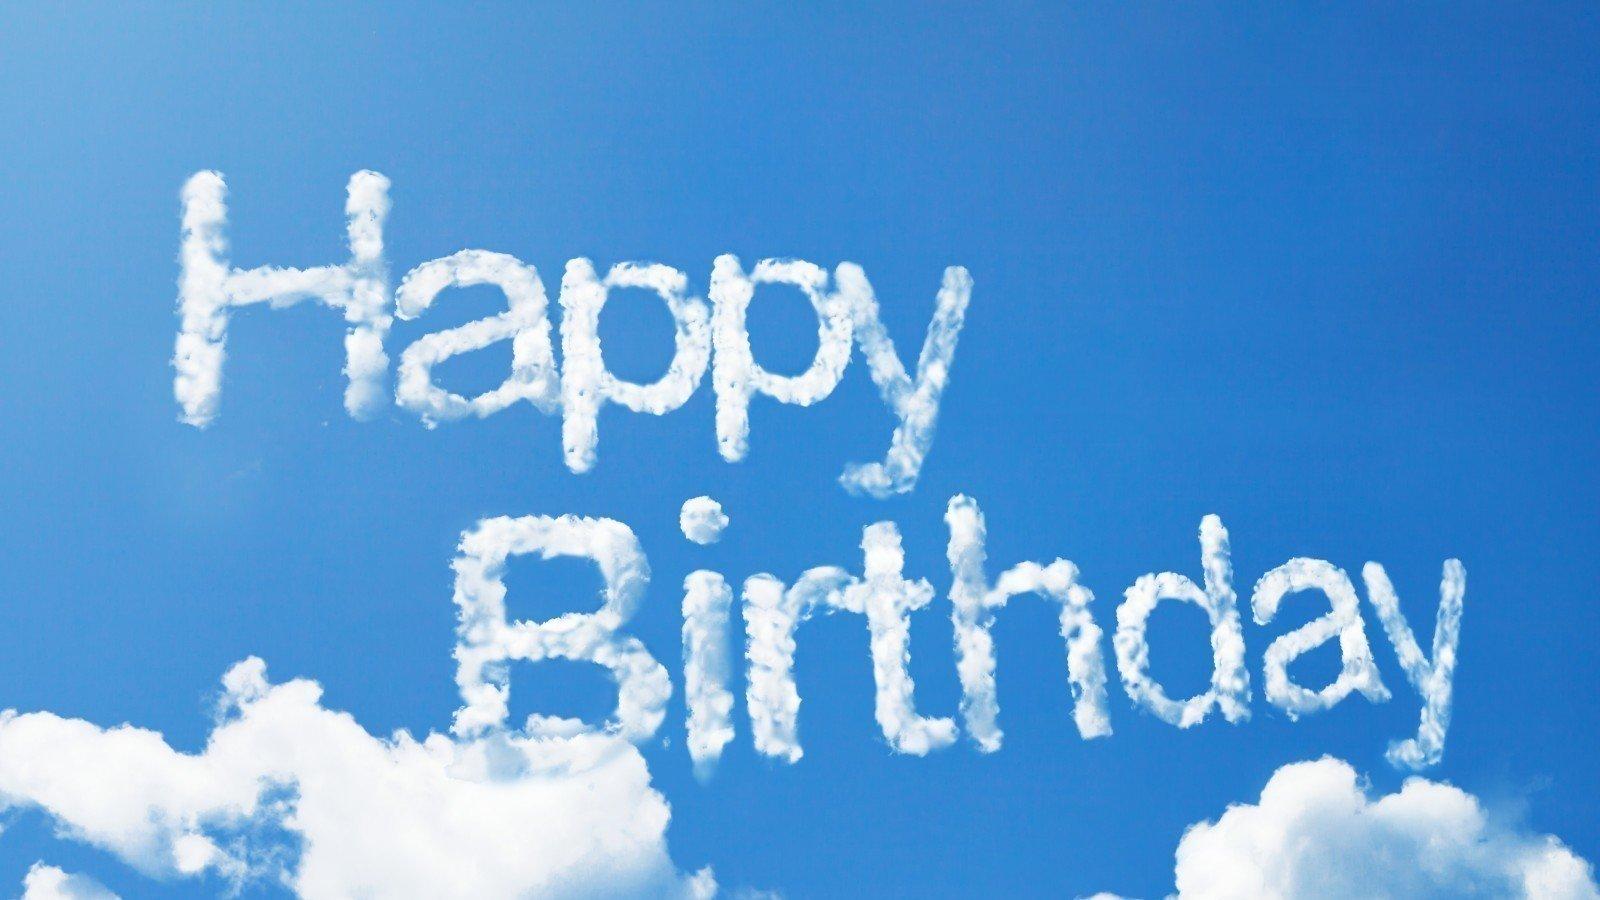 С днем рождения поздравления стюардессу